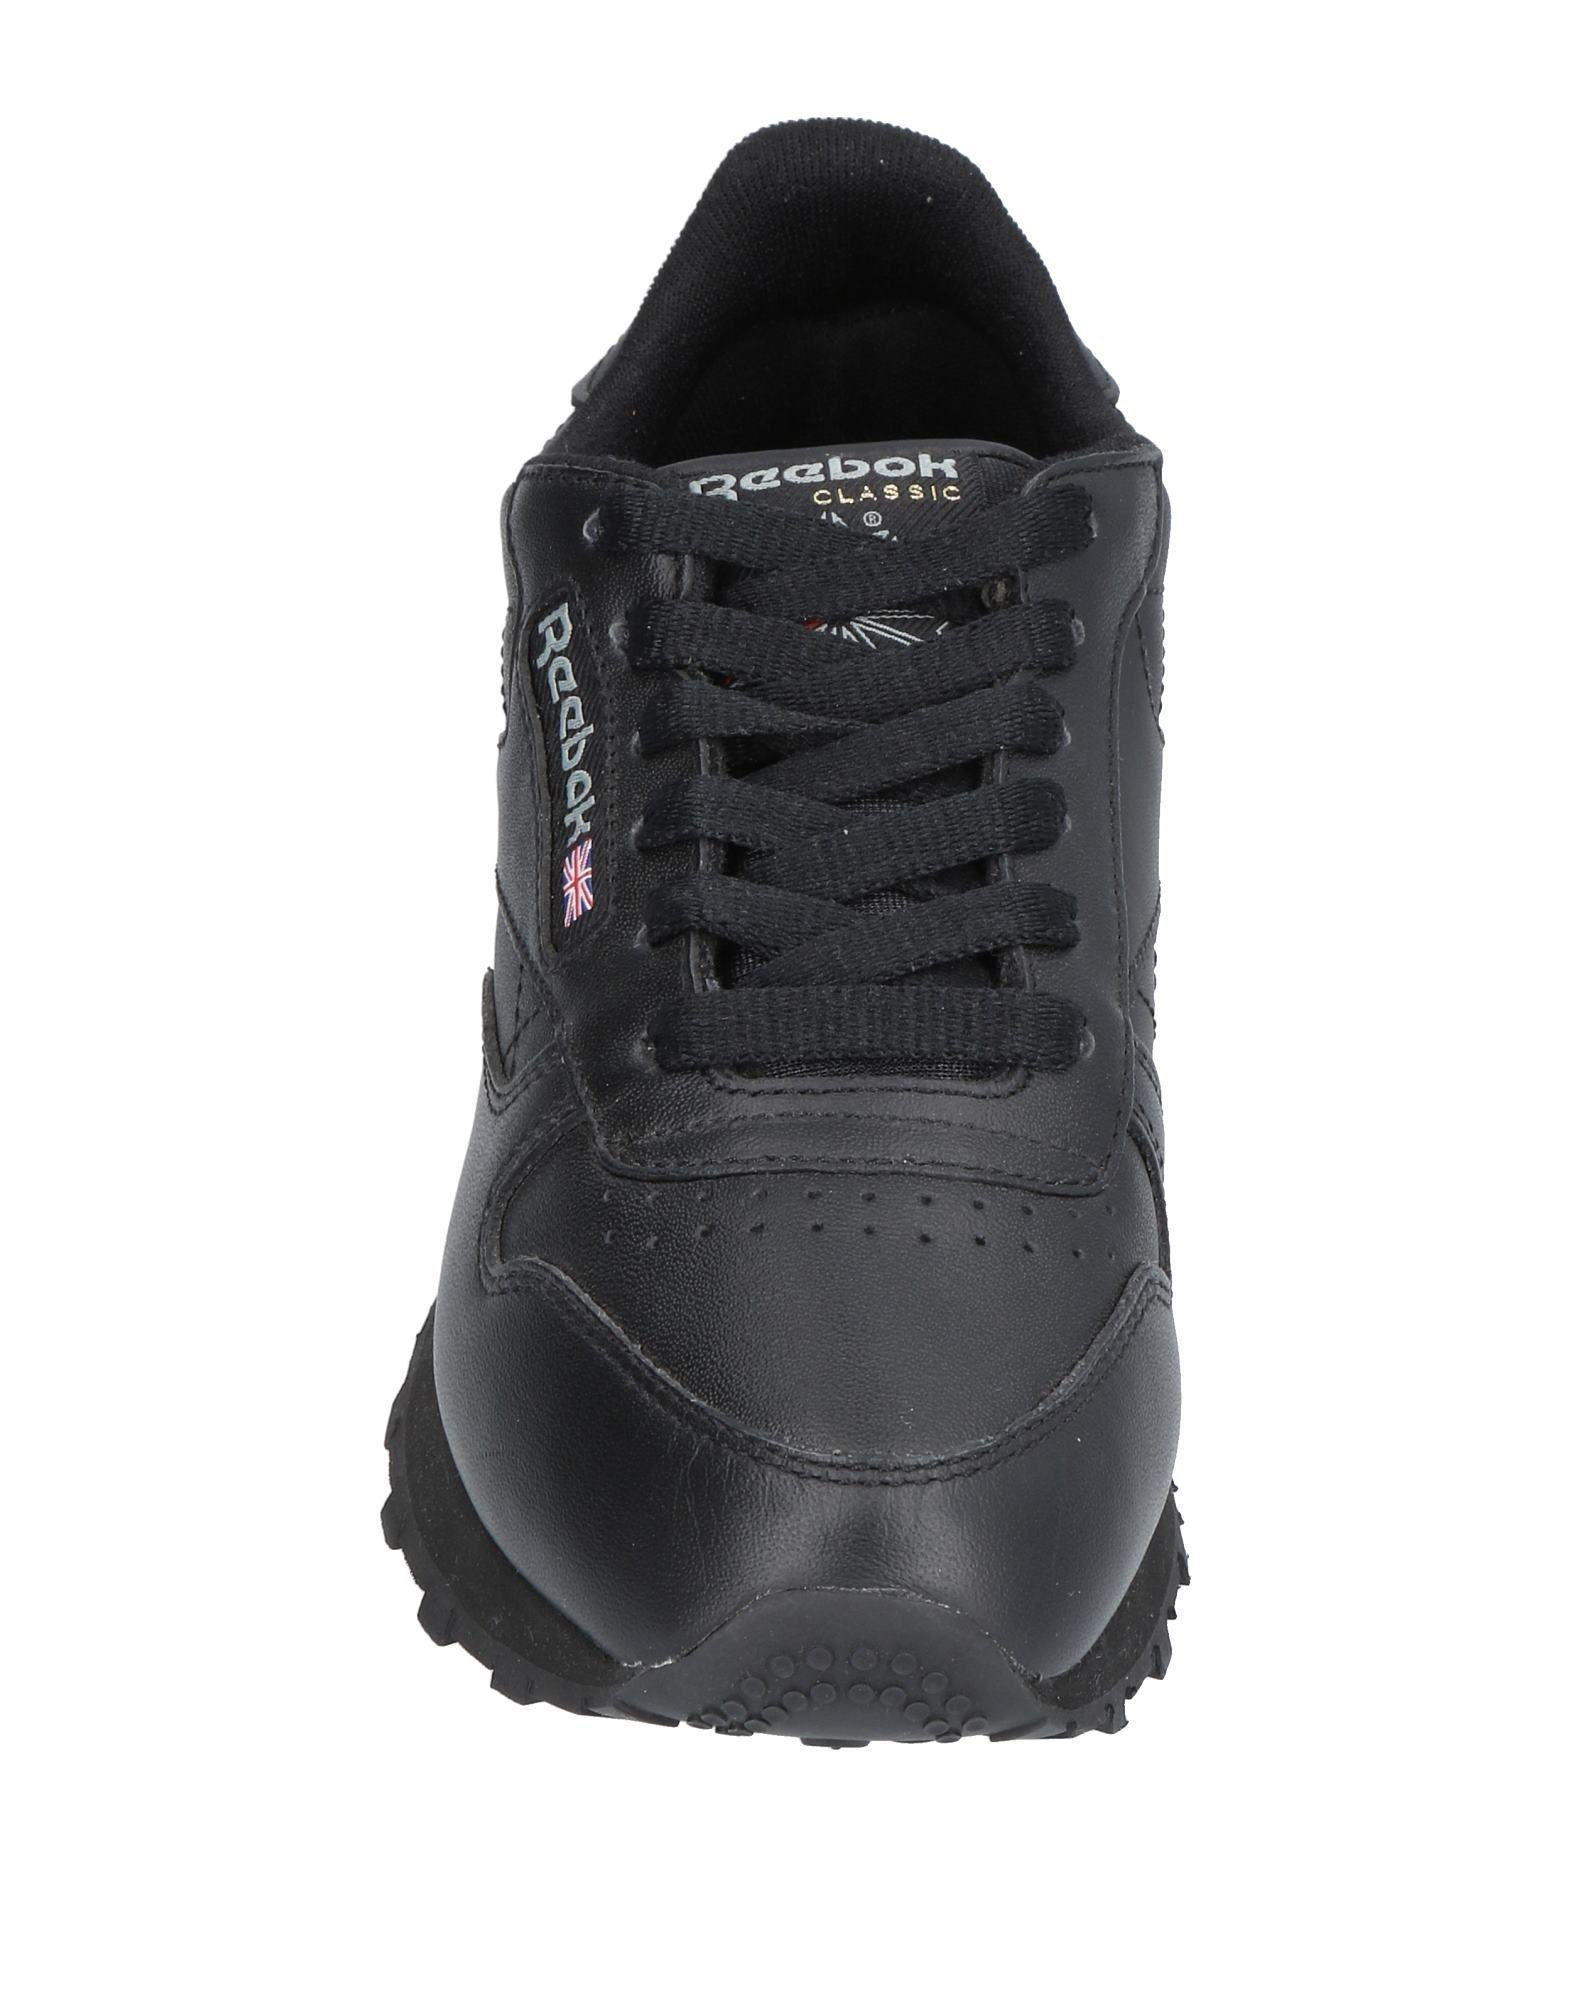 Reebok Sneakers Damen  11448829HX Gute Qualität beliebte Schuhe